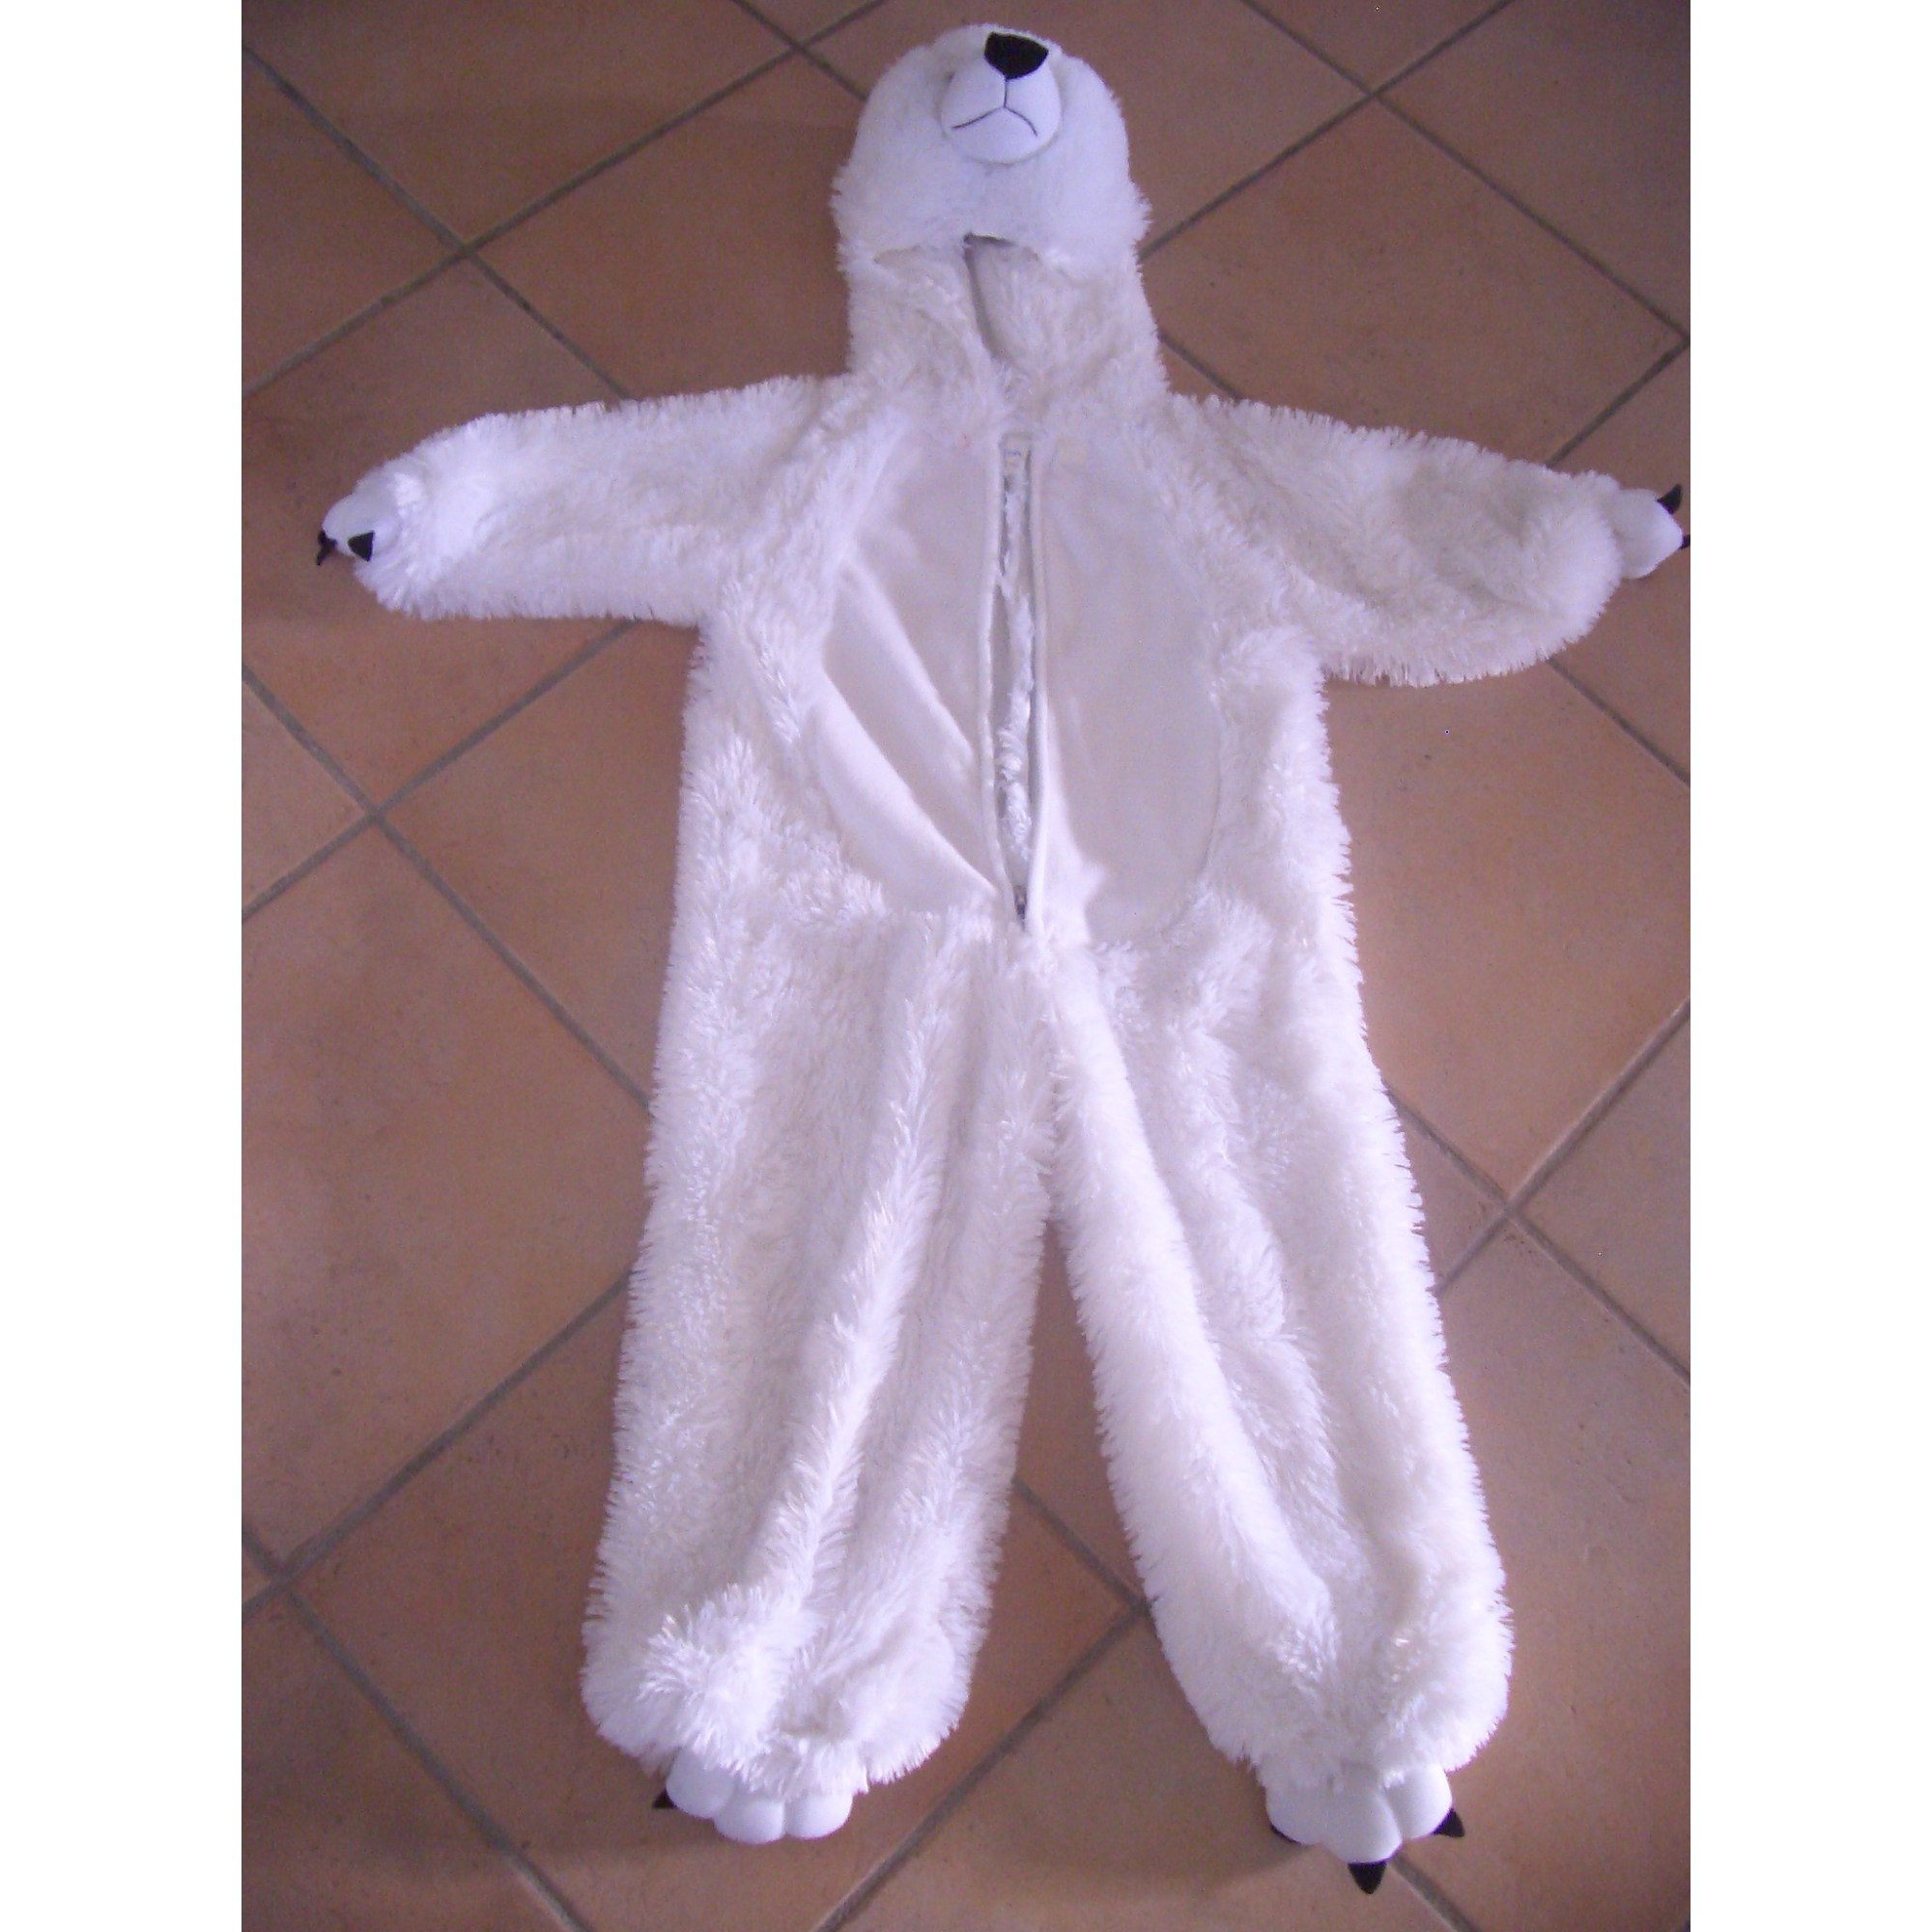 Costume MARQUE INCONNUE White, off-white, ecru